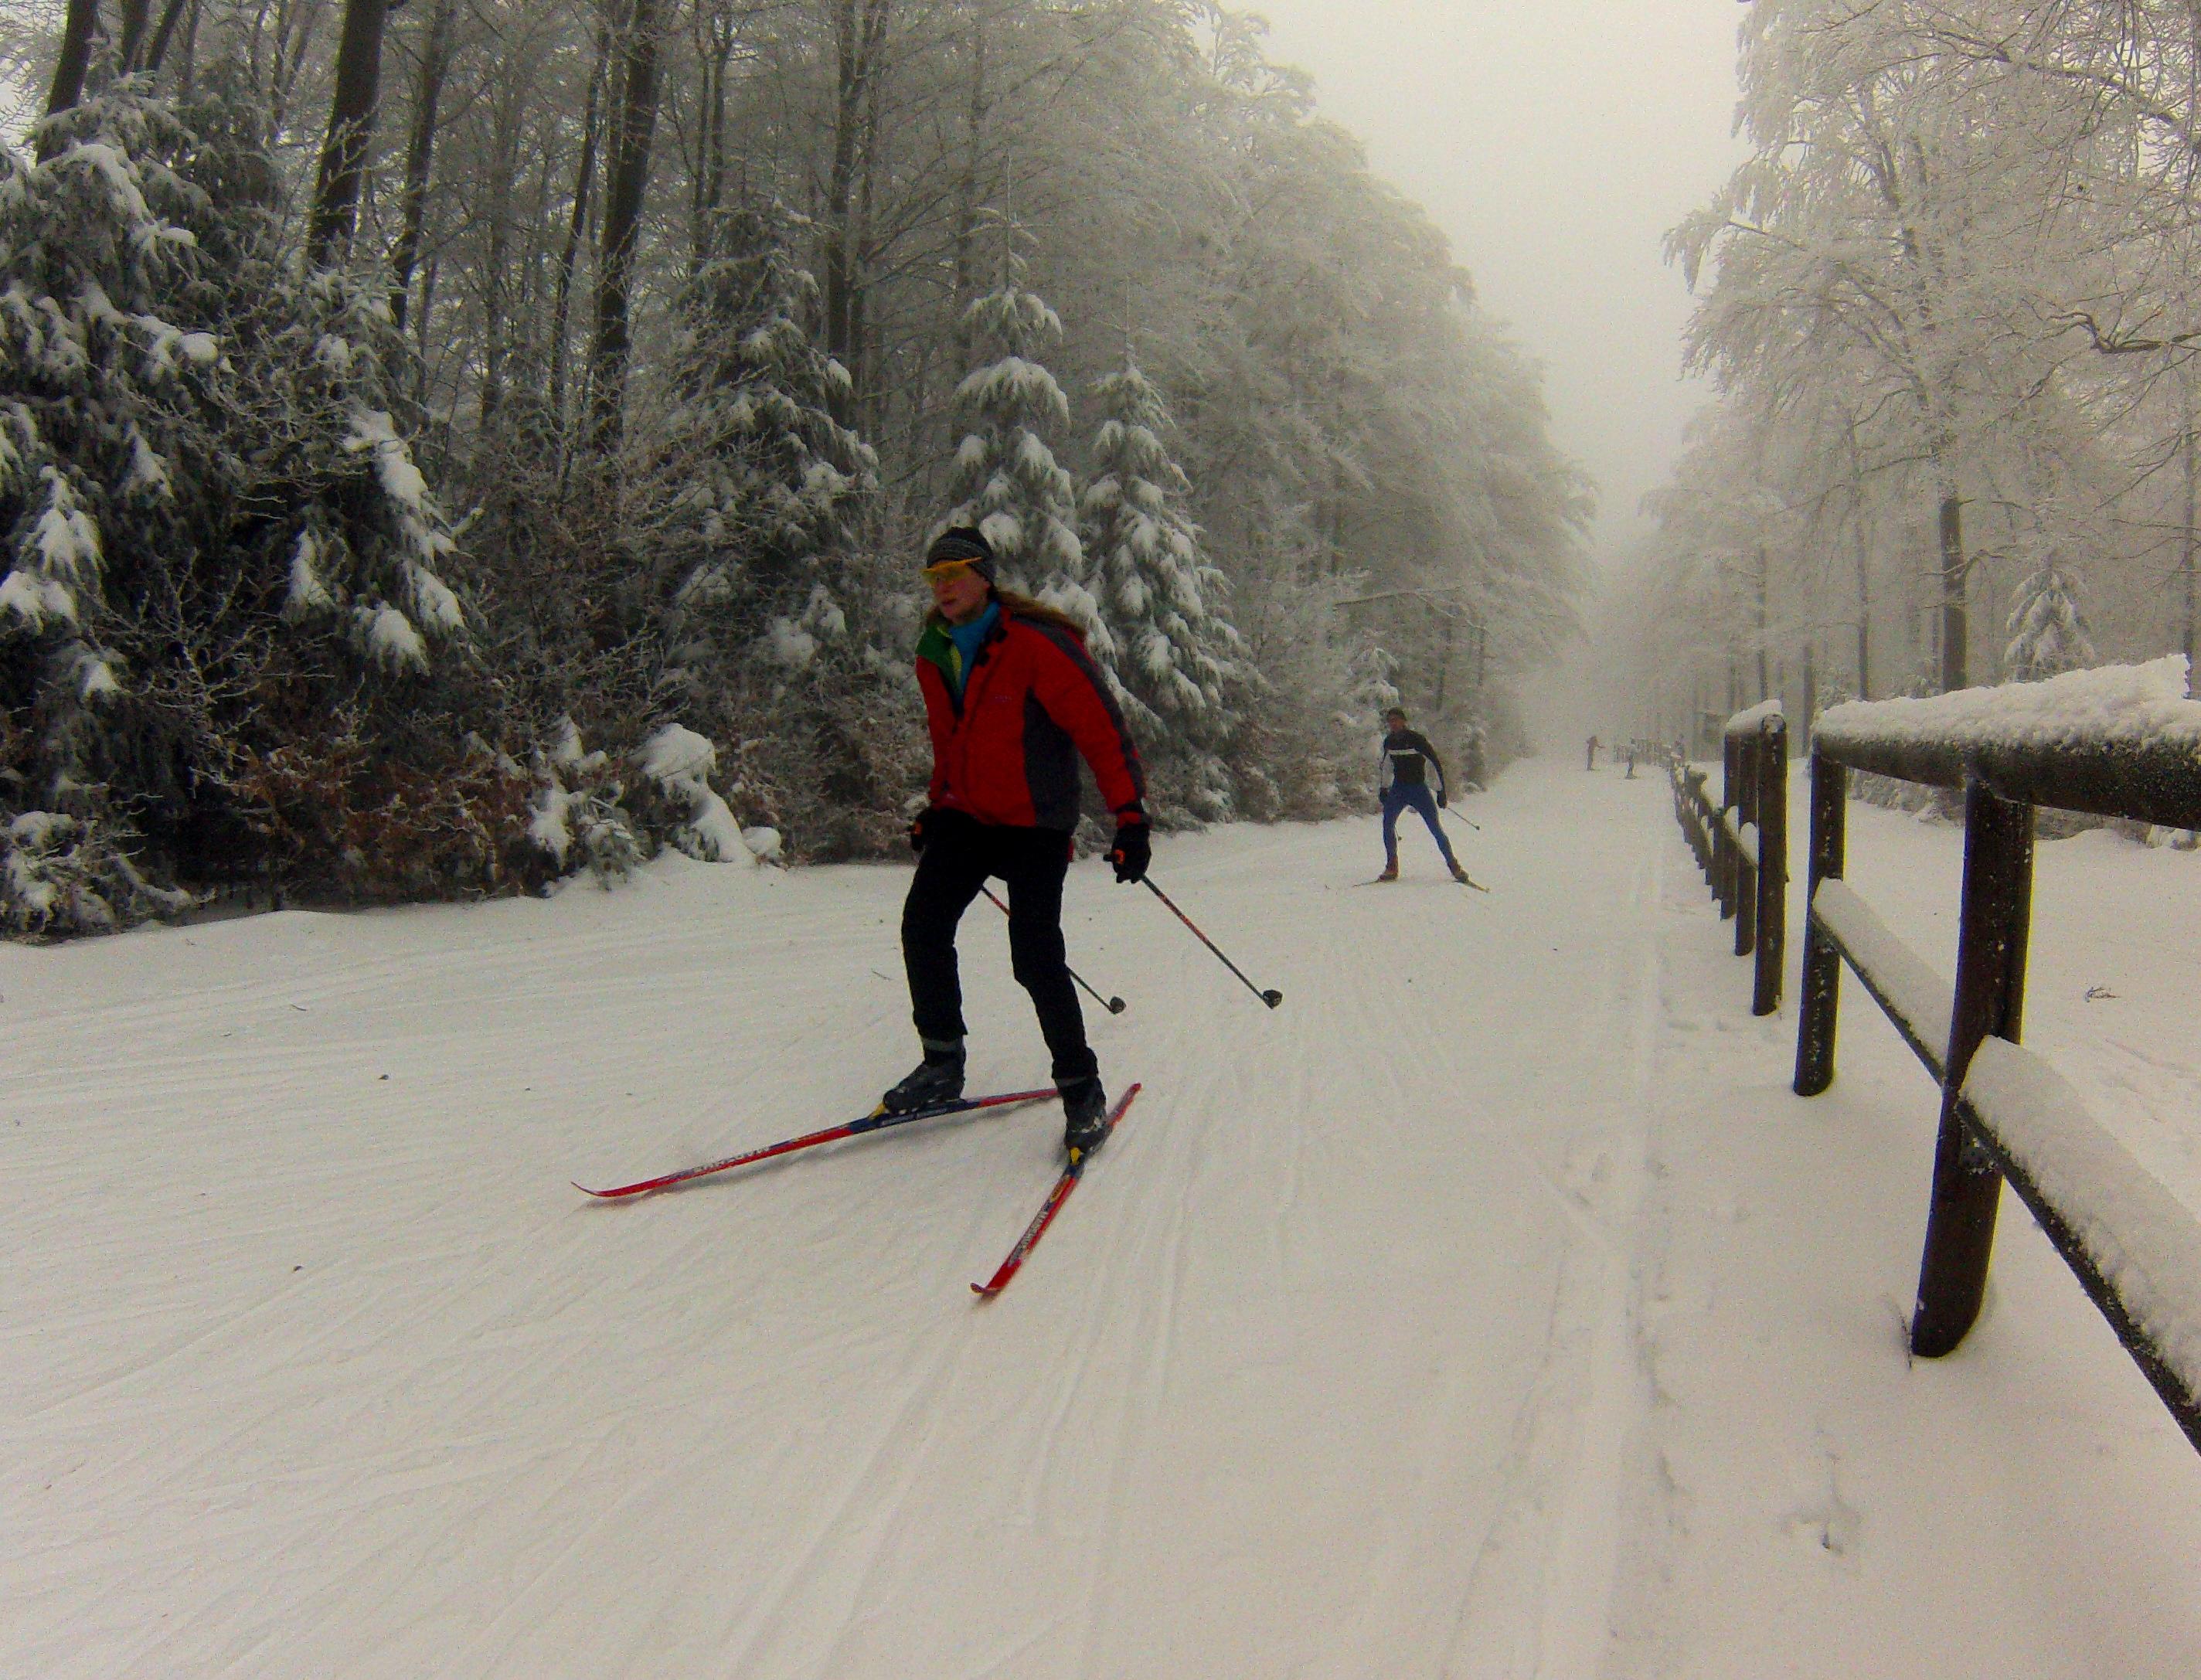 Skilanglauf auf der Taufsteinloipe